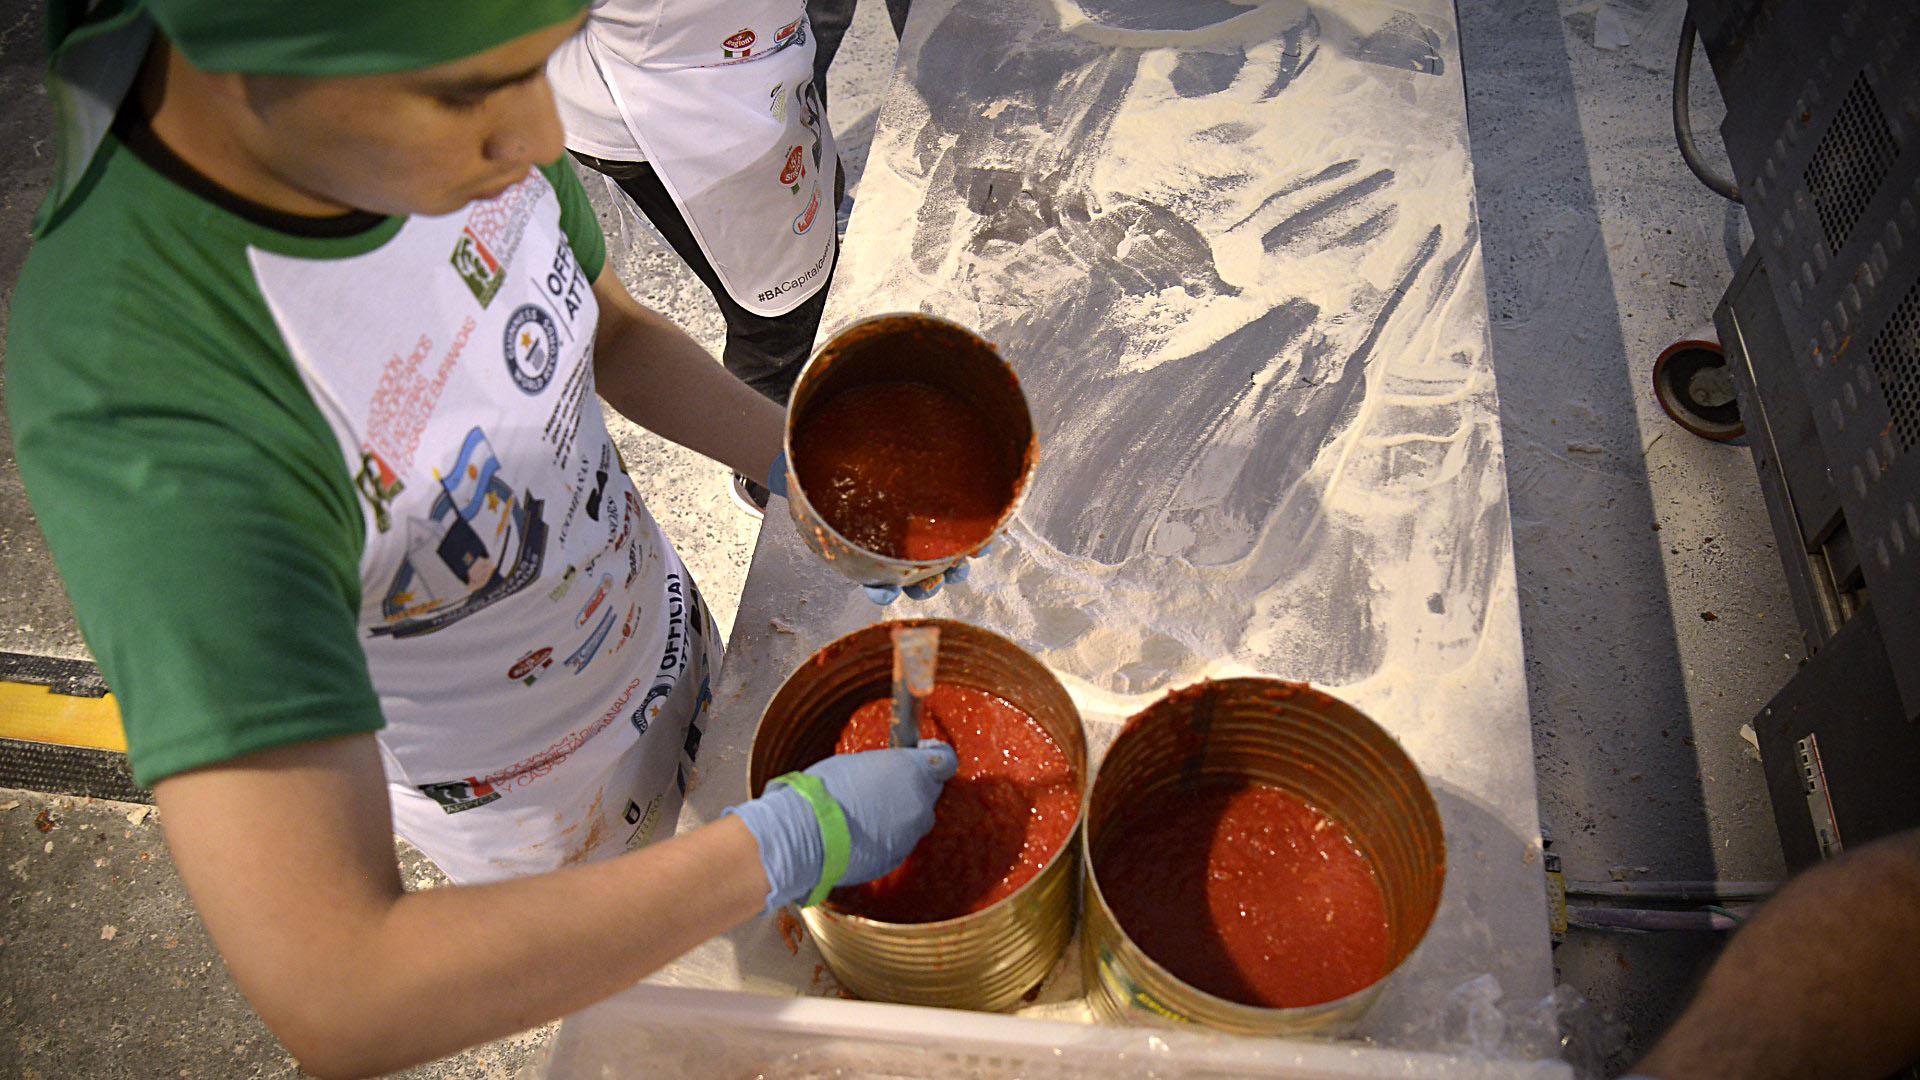 La salsa de tomates, clave y fundamental en la preparación de las pizzas